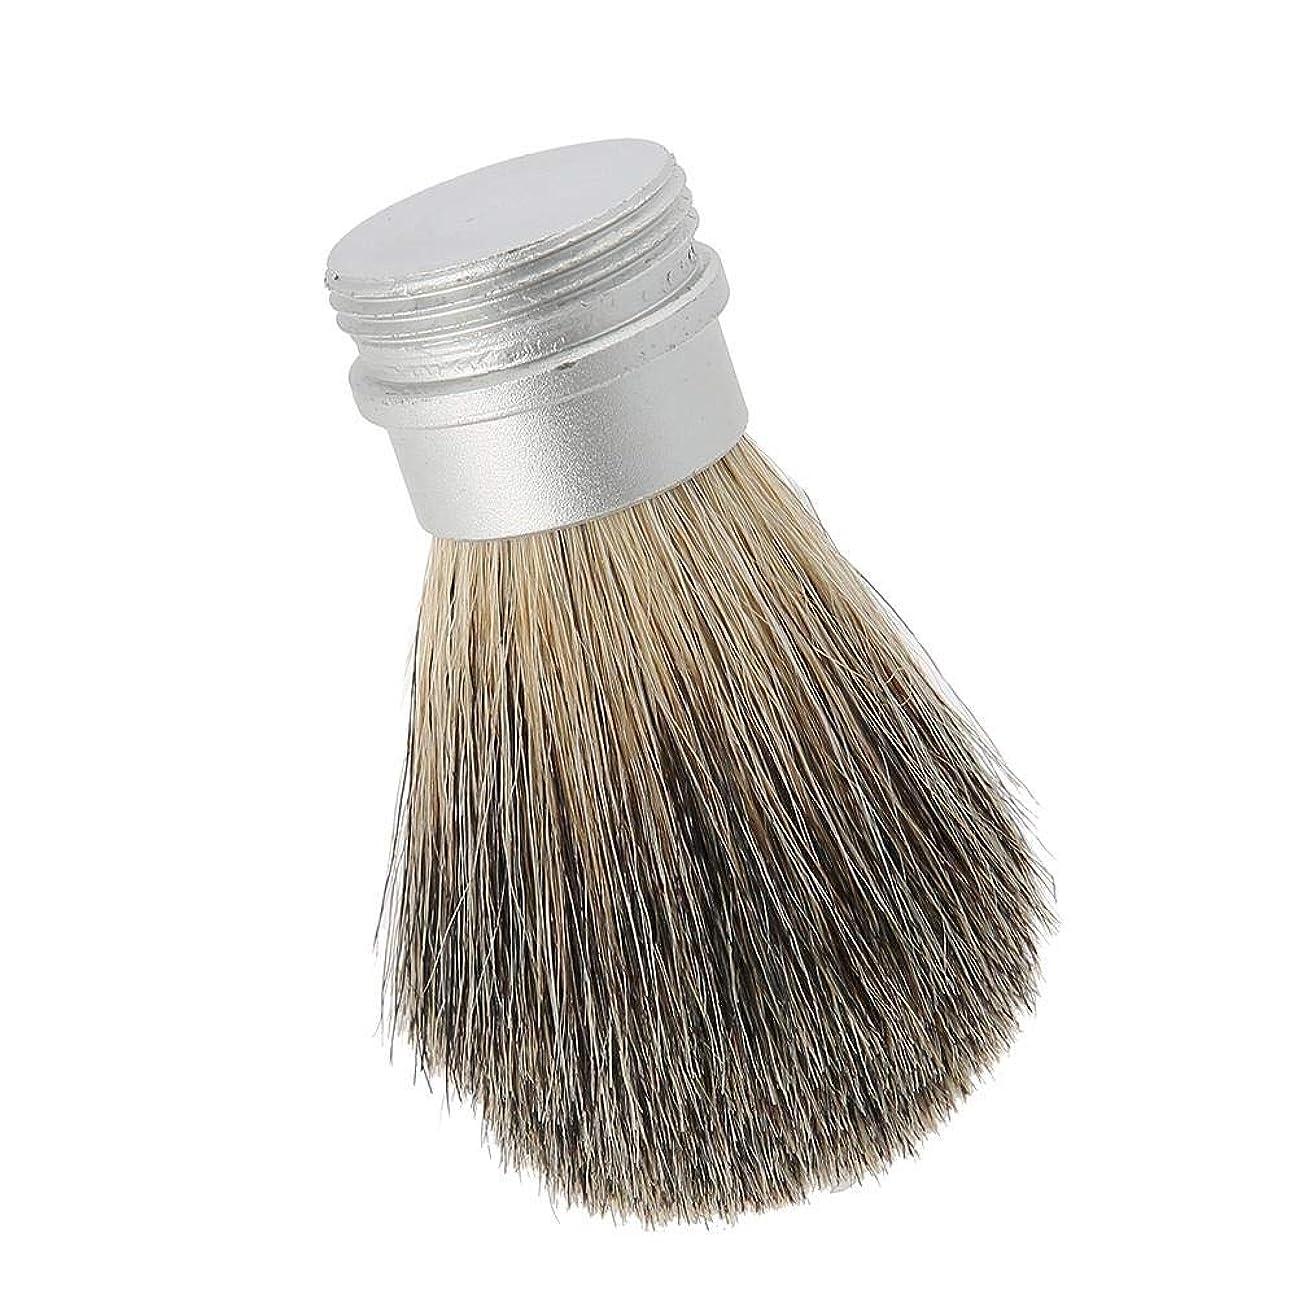 帰する匹敵します好奇心盛ひげブラシひげ剃りツールポータブルひげブラシ男性のための最高のヘアブラシ口ひげブラシ